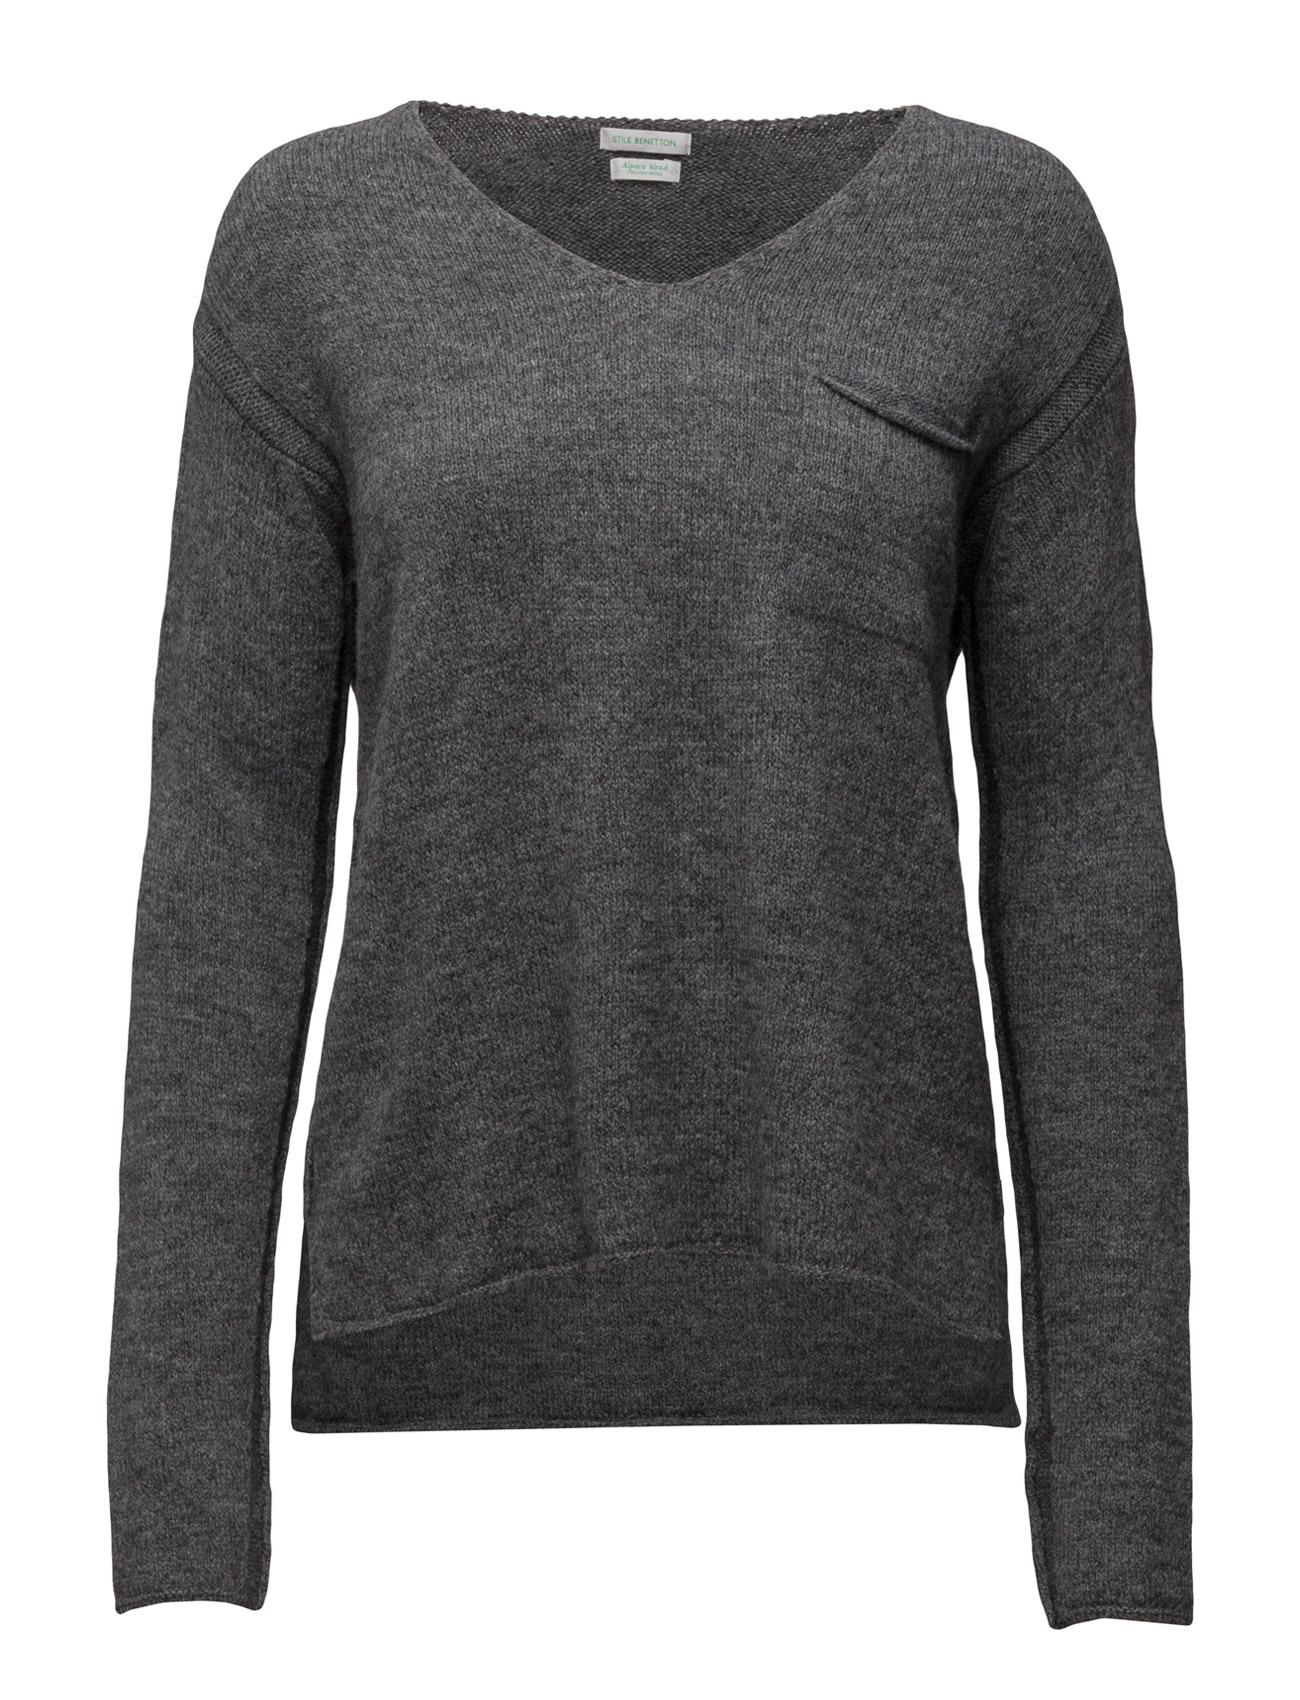 V Neck Sweater L/S United Colors of Benetton Striktøj til Kvinder i